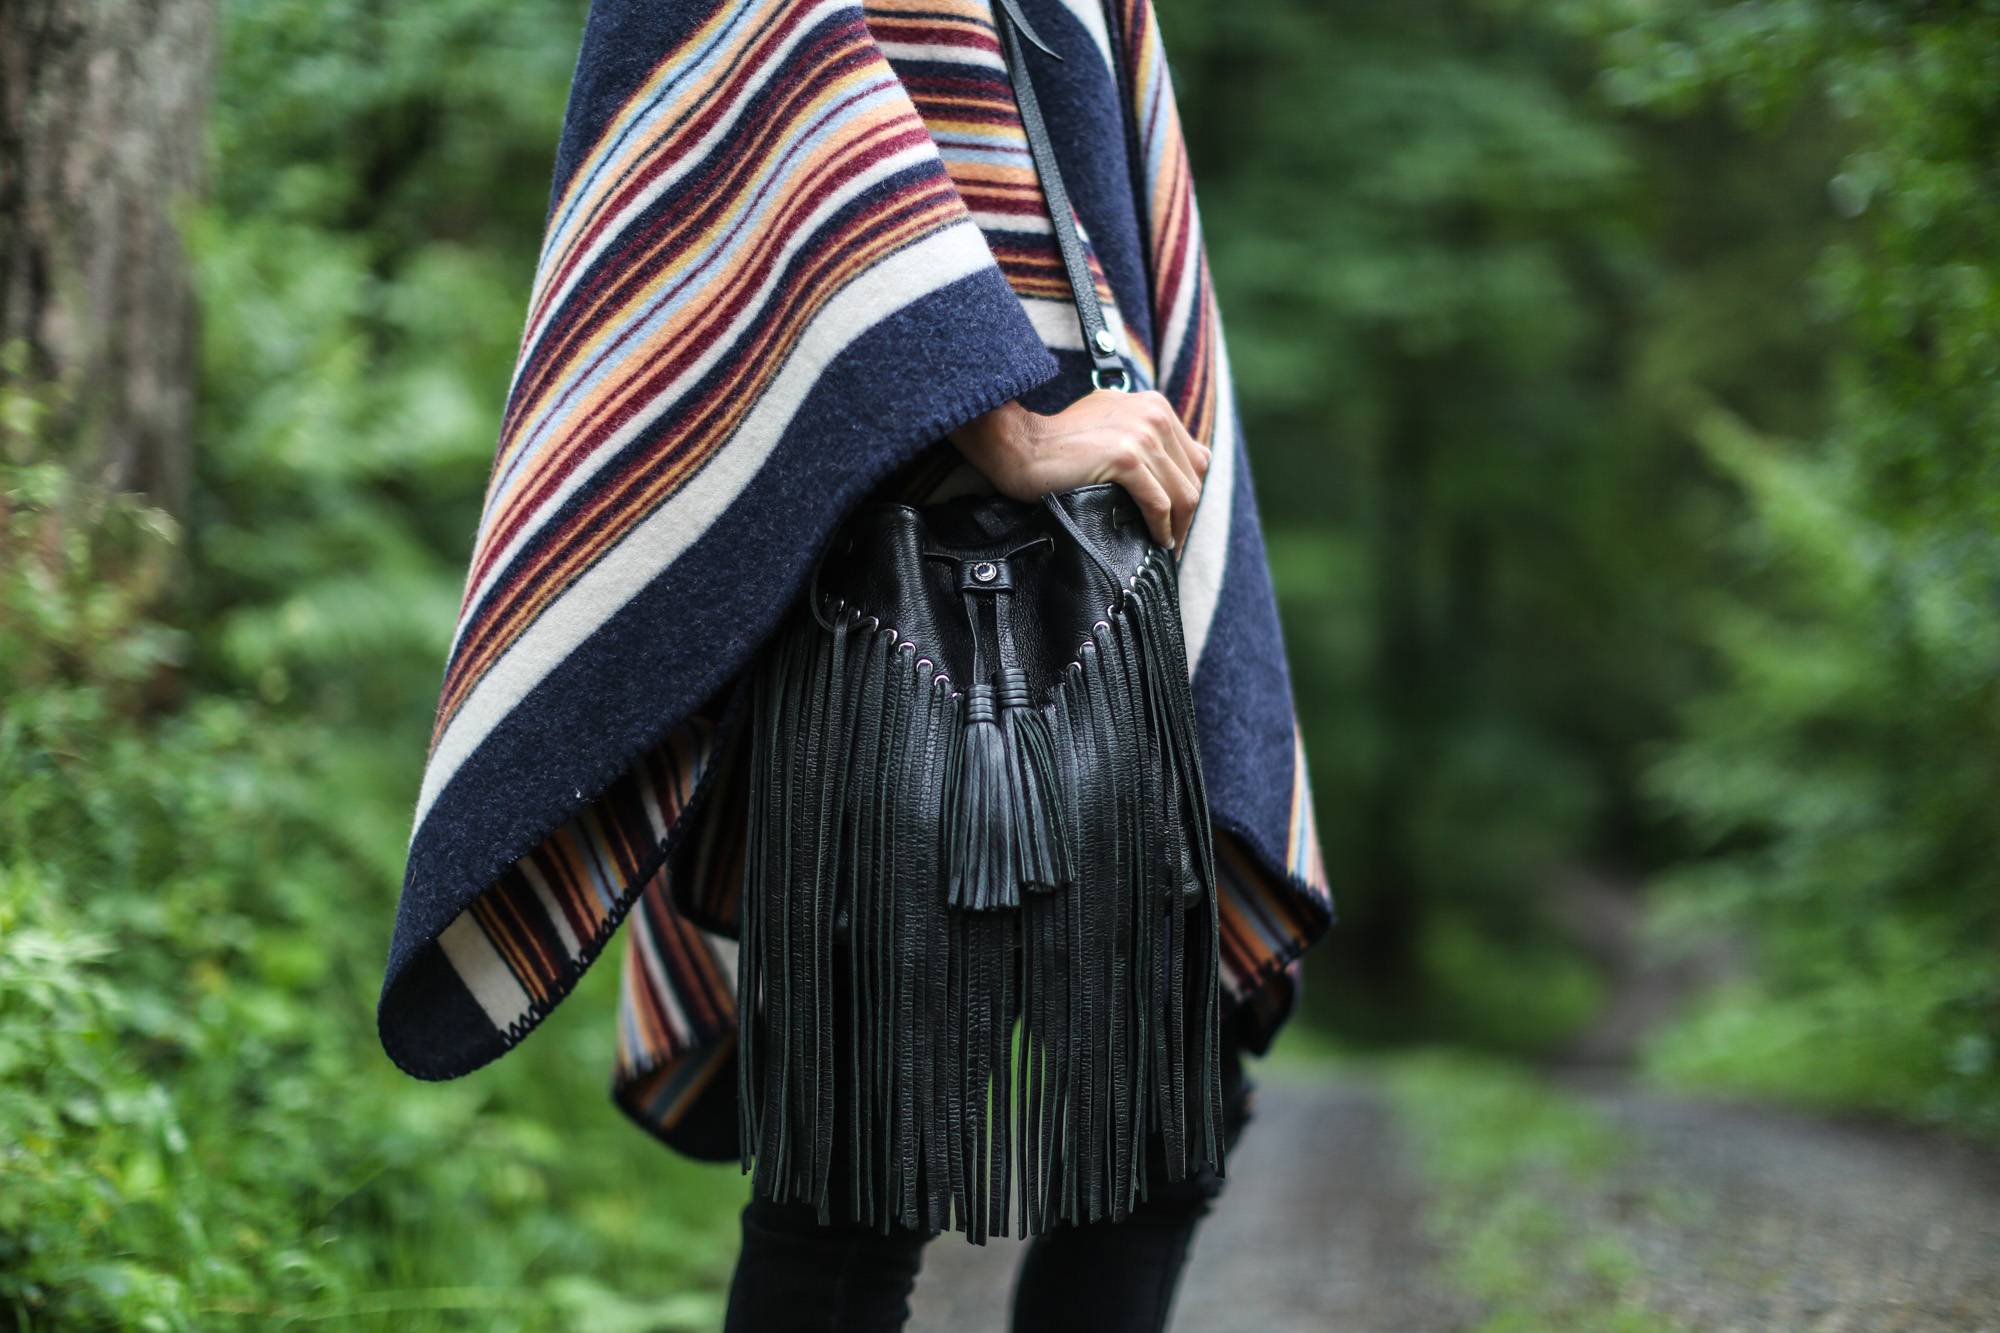 Clochet-streetstyle-la-mericaine-wool-poncho-6